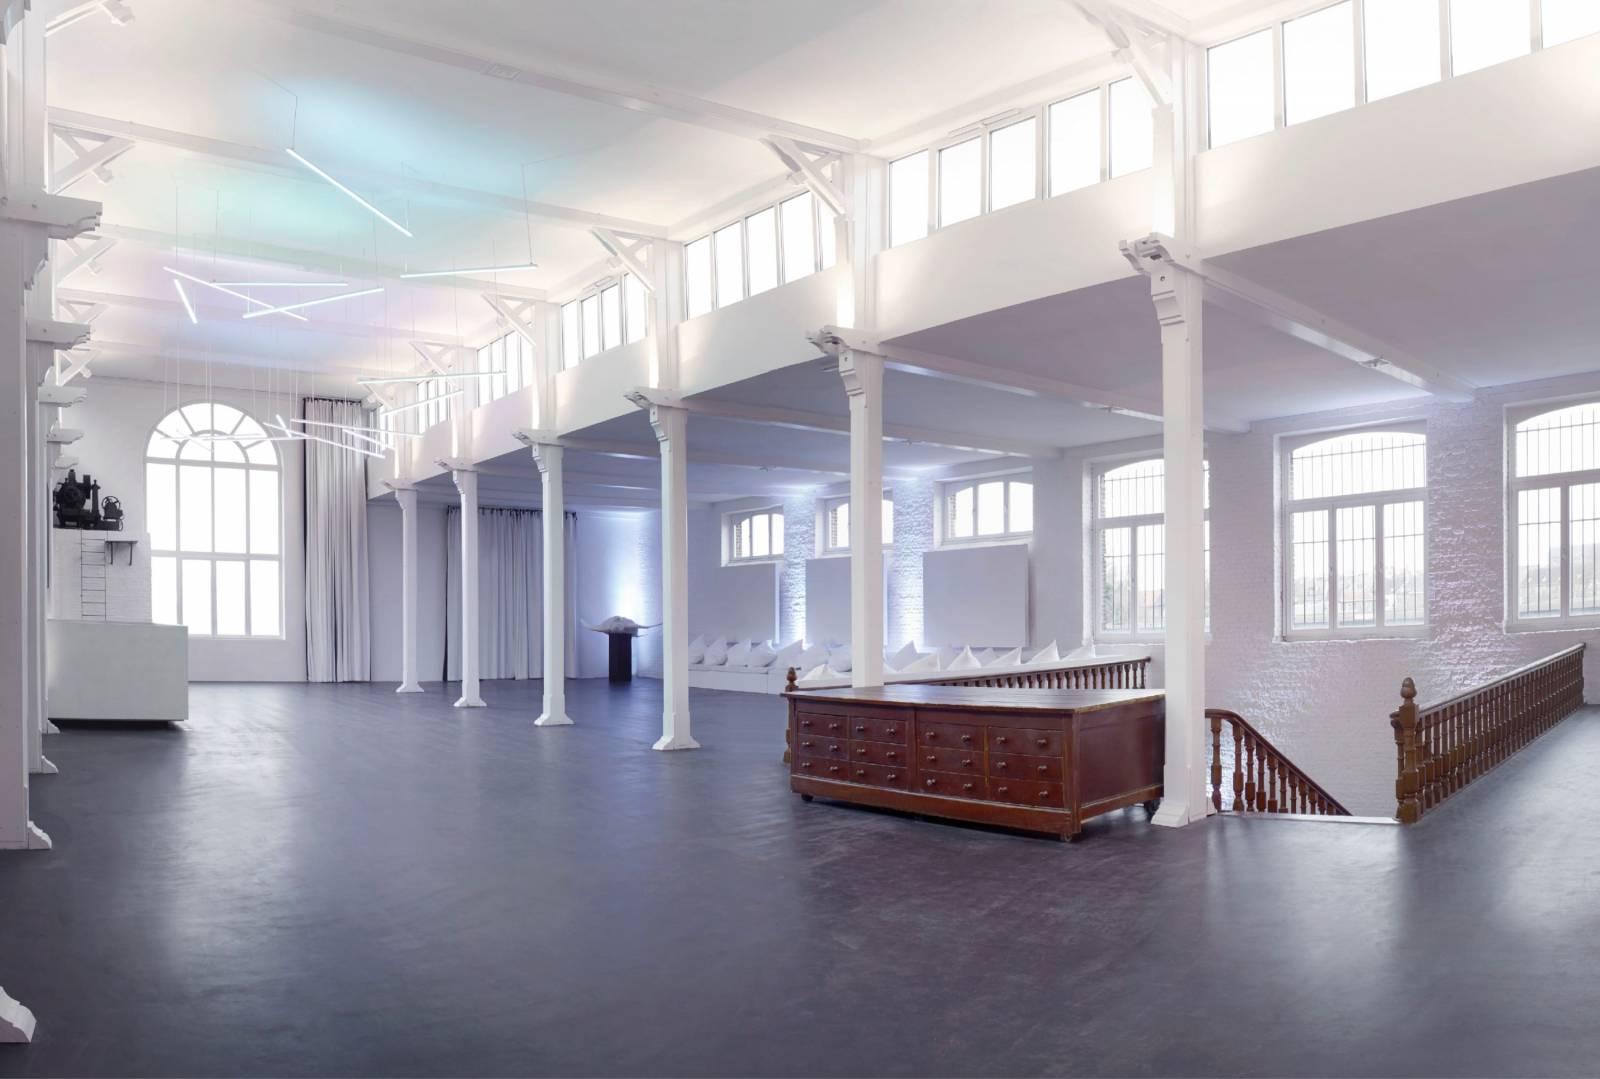 Zaal Lux - Feestzaal - Eventlocatie te Gent - House of Events - 33